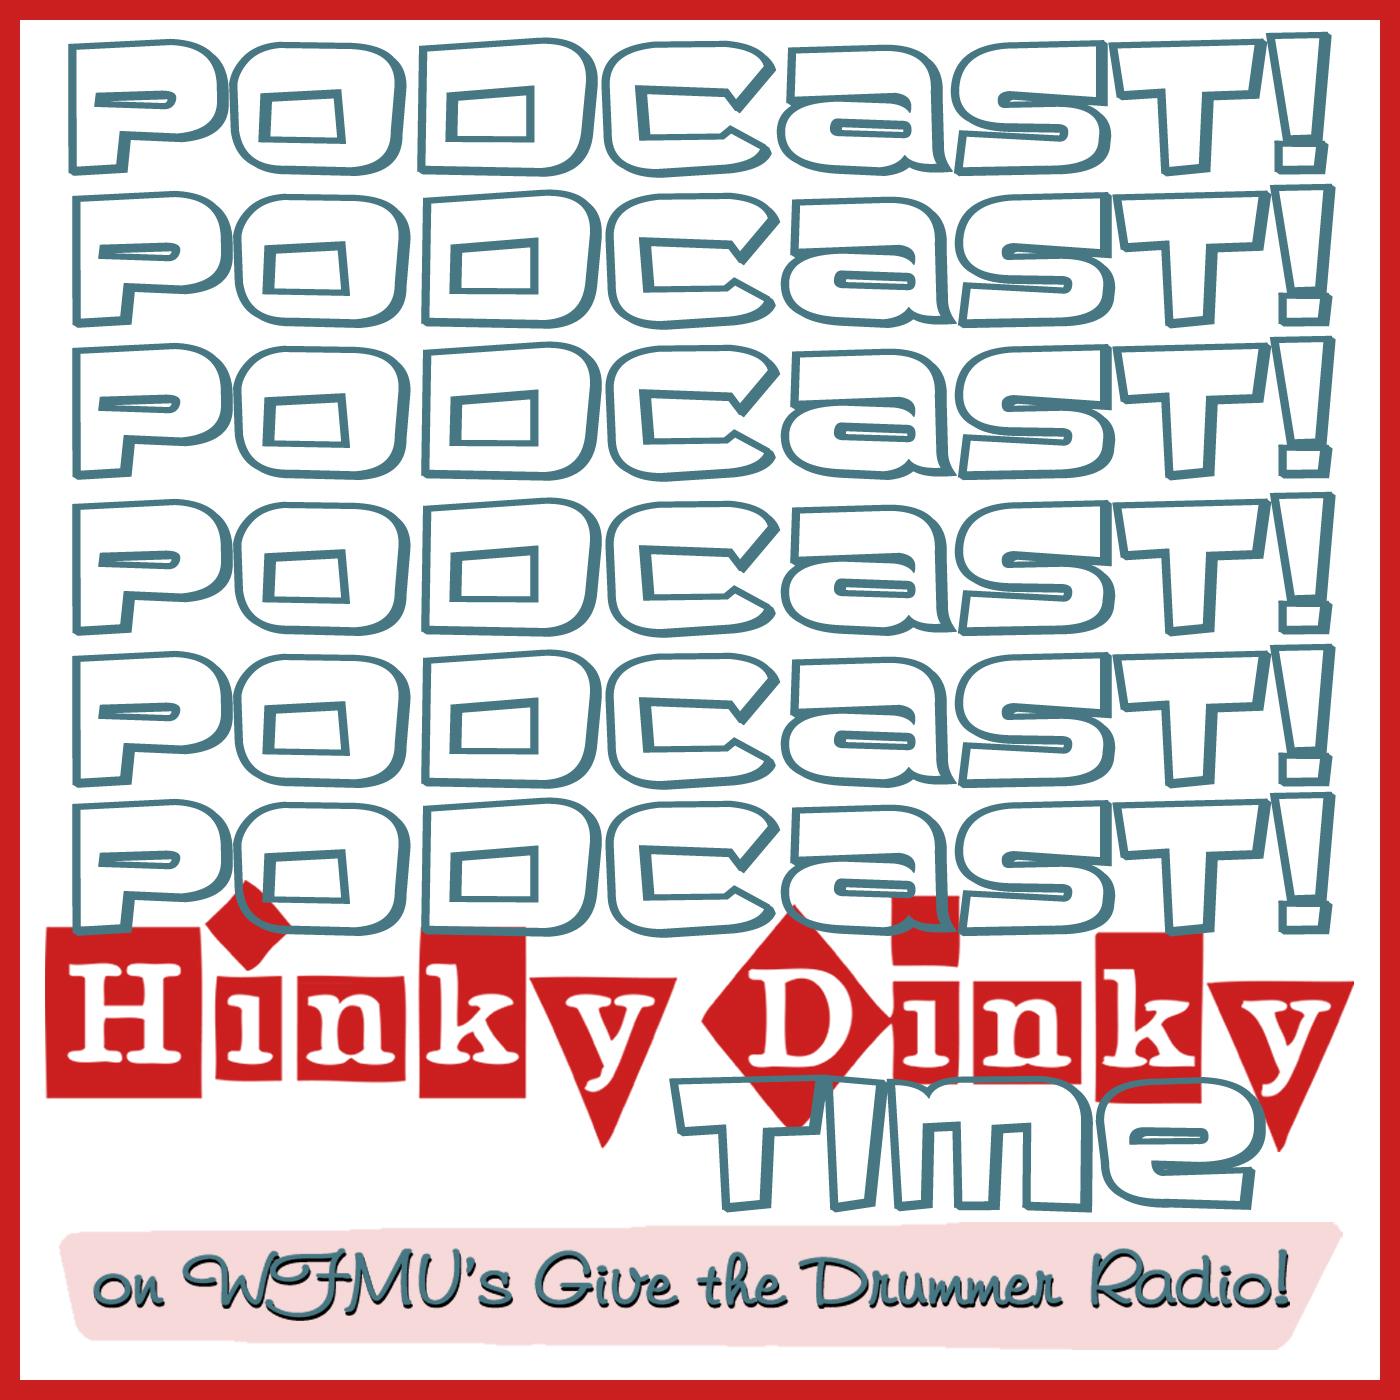 Hinky Dinky Time